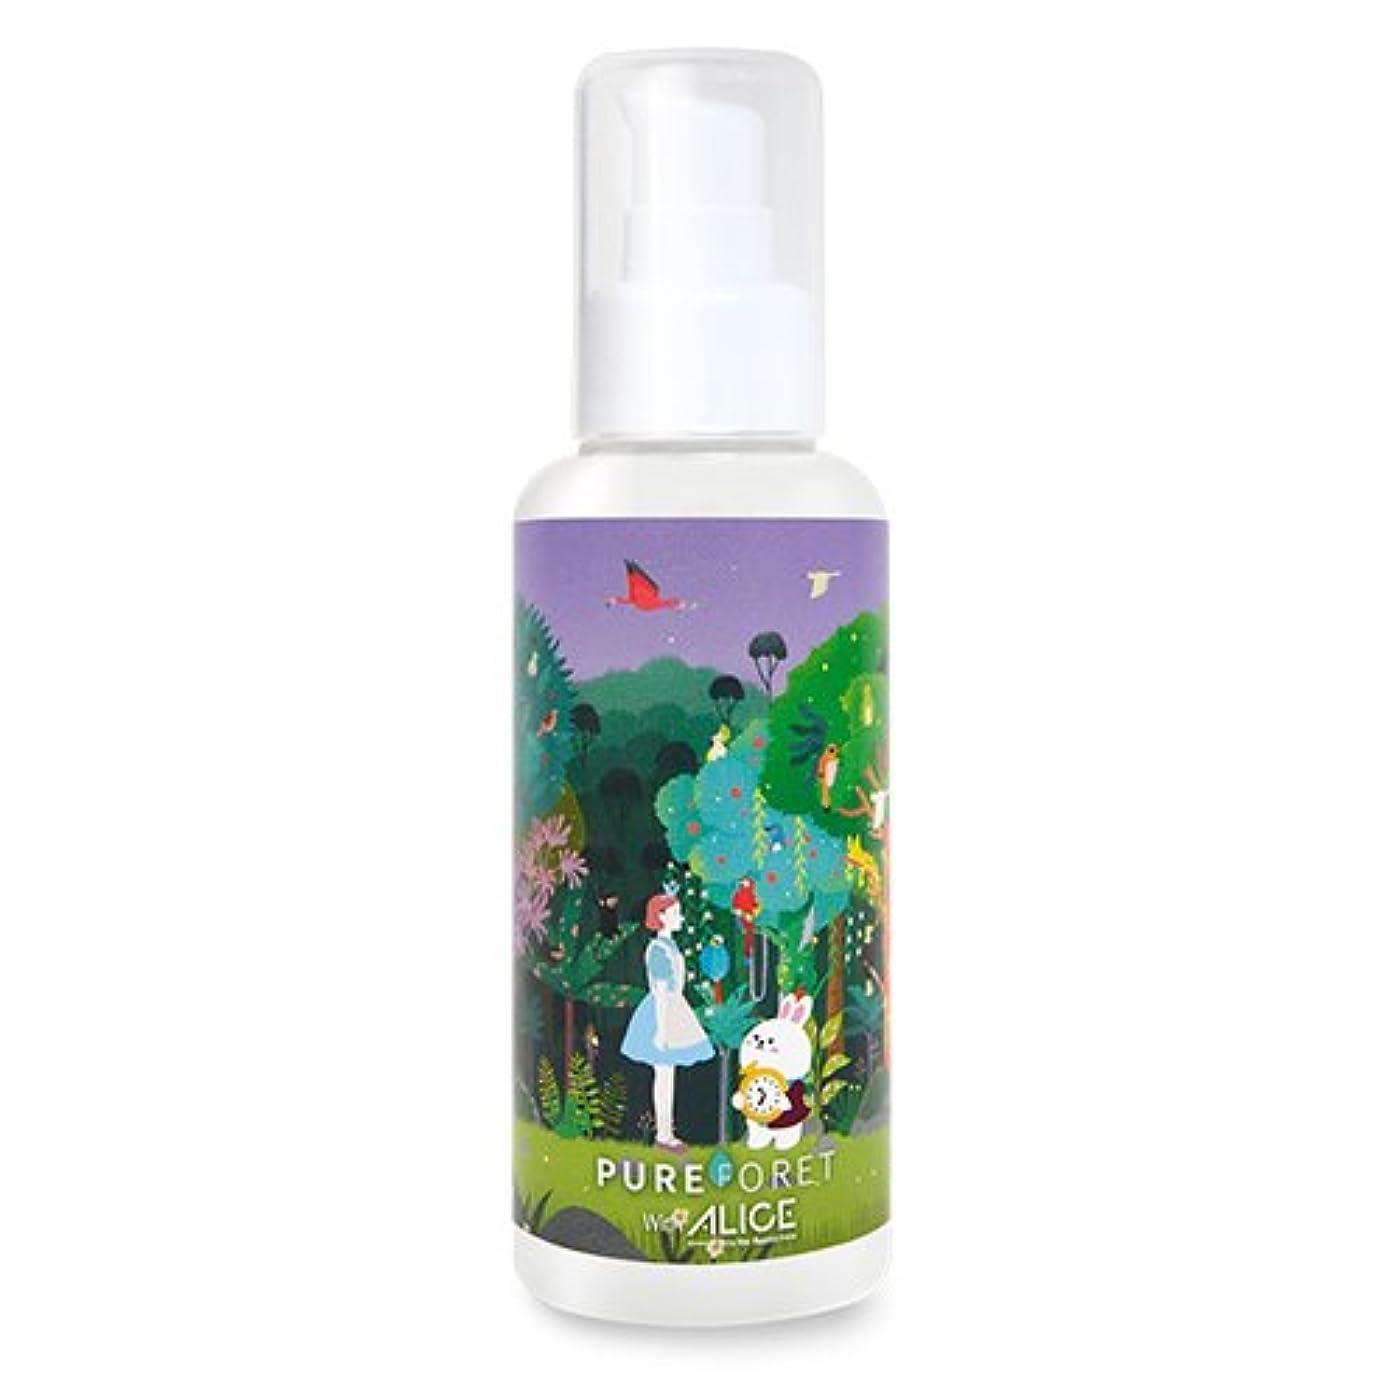 権限スピン染色韓国産 Pureforet x Alice スキンリペアラビット ハイドレーティング 乳液. (150ml)